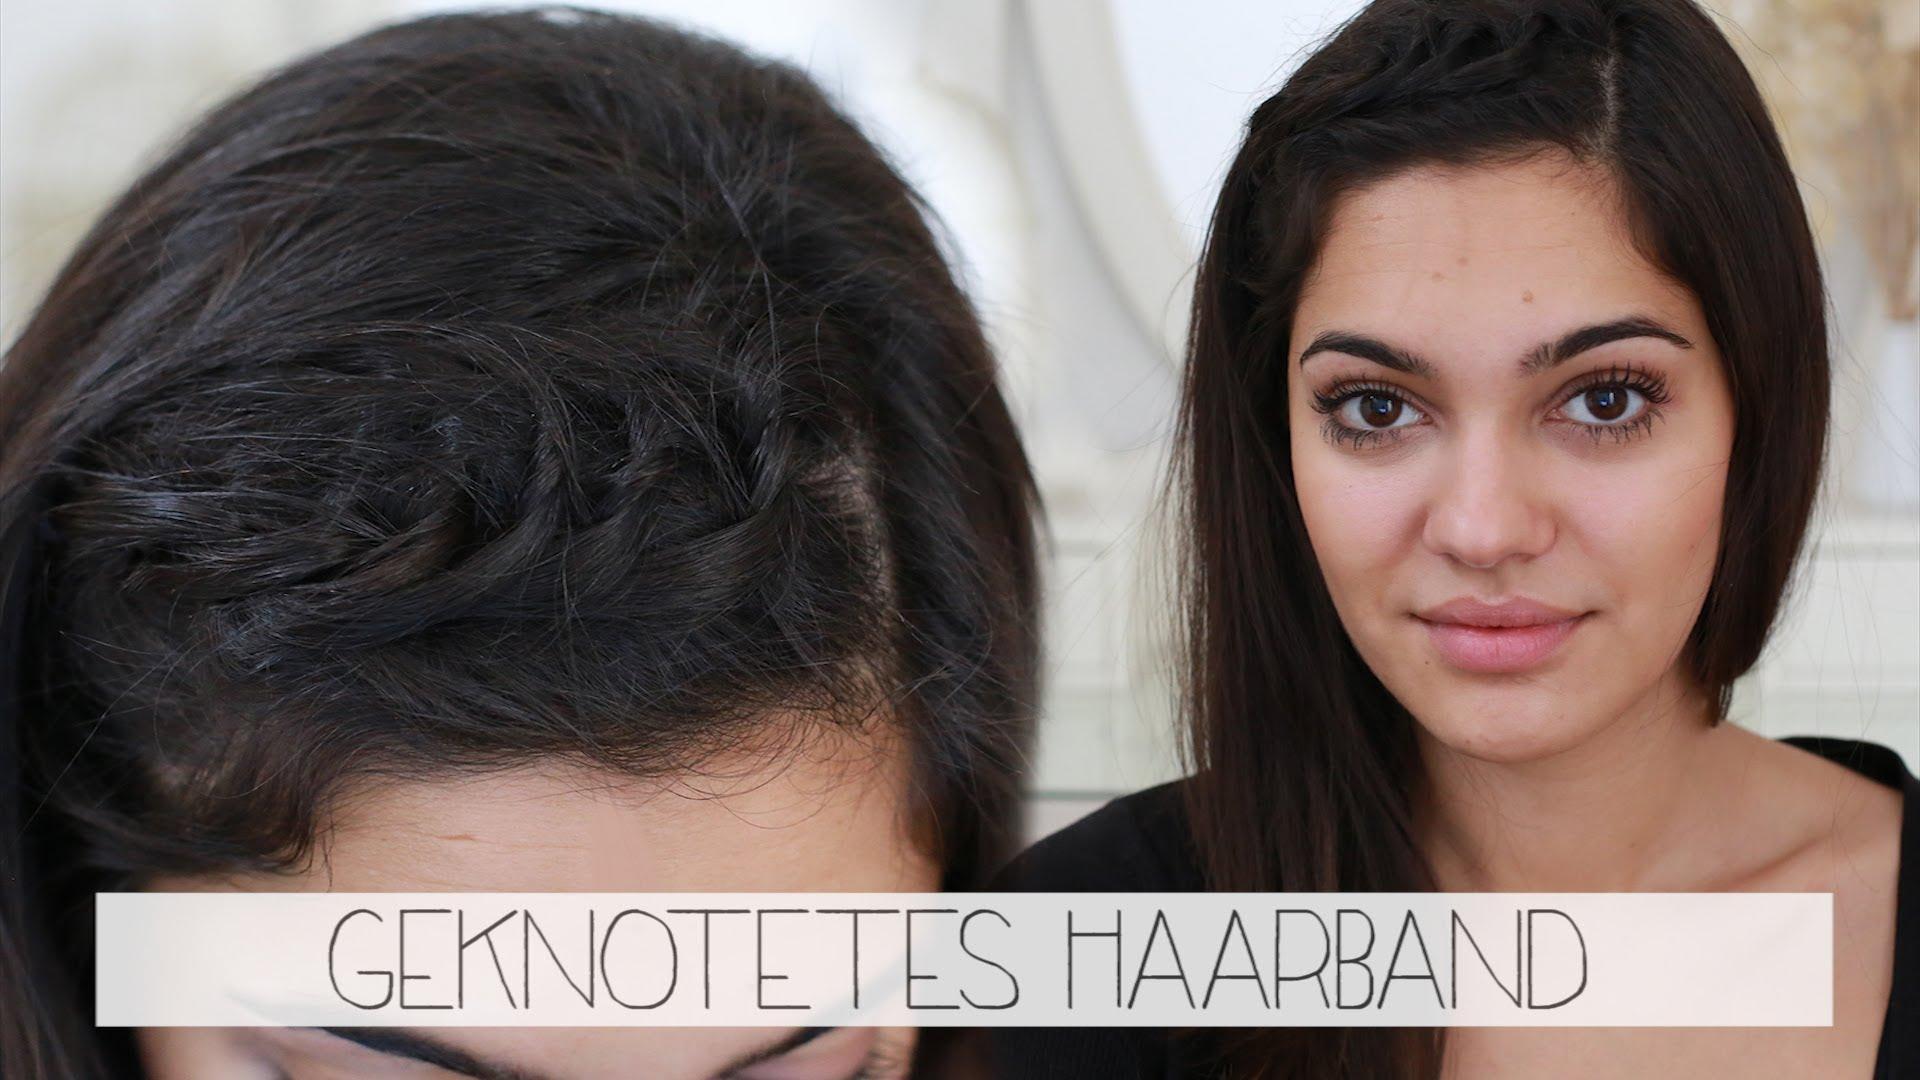 Frisur Geknotetes Haarband – Tutorial Zur Technik – Haare – Jede Länge